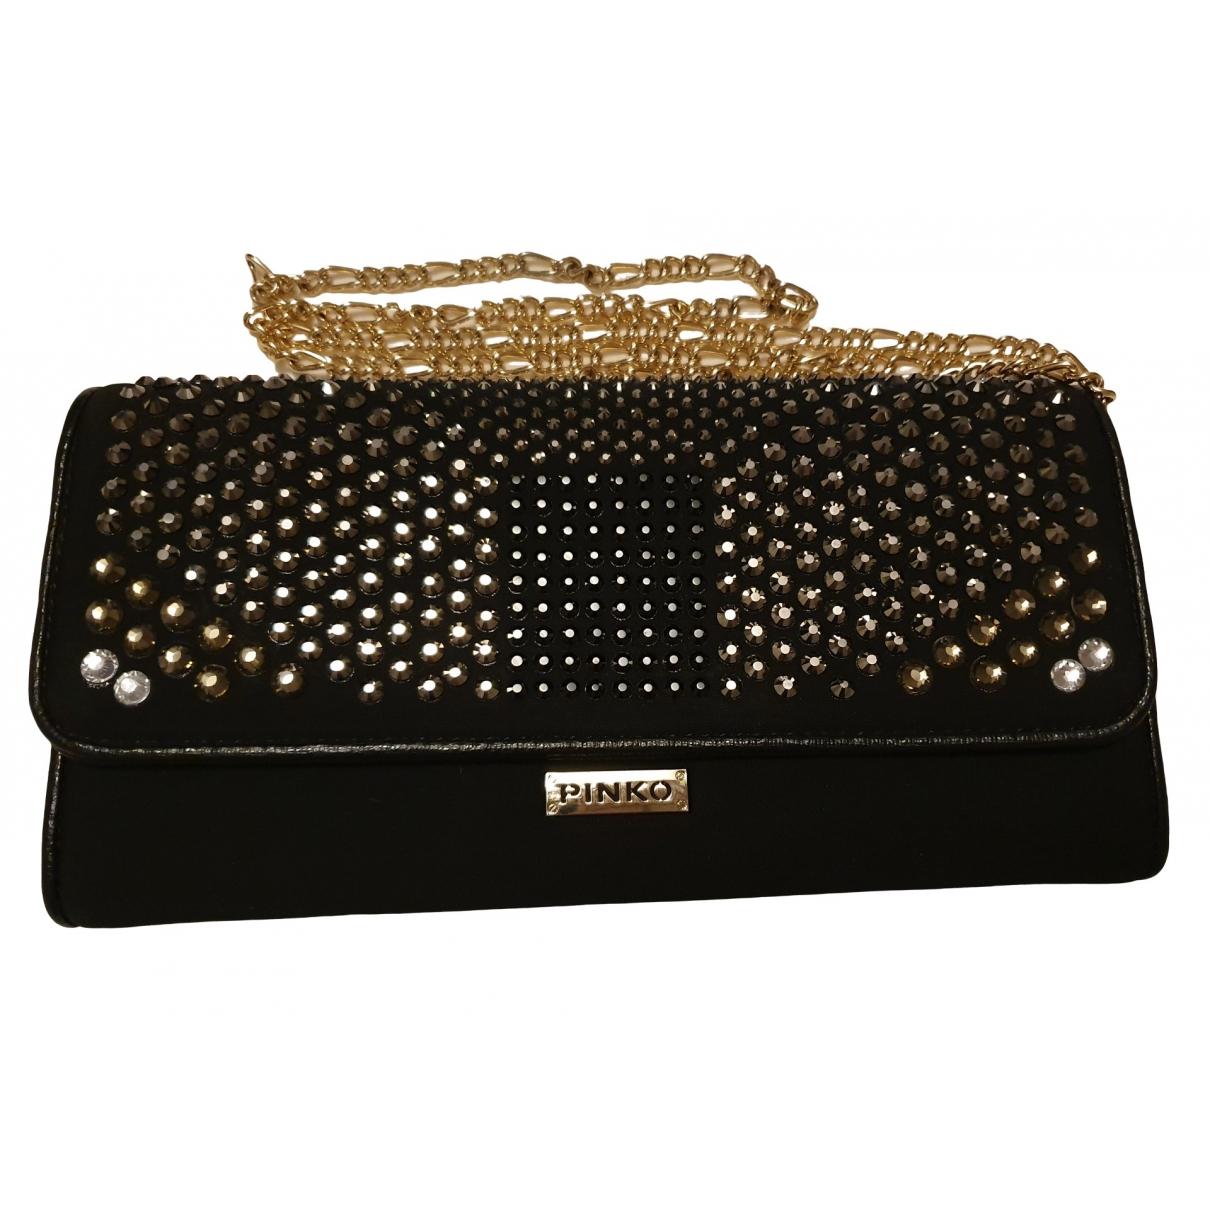 Pinko \N Black Glitter Clutch bag for Women \N